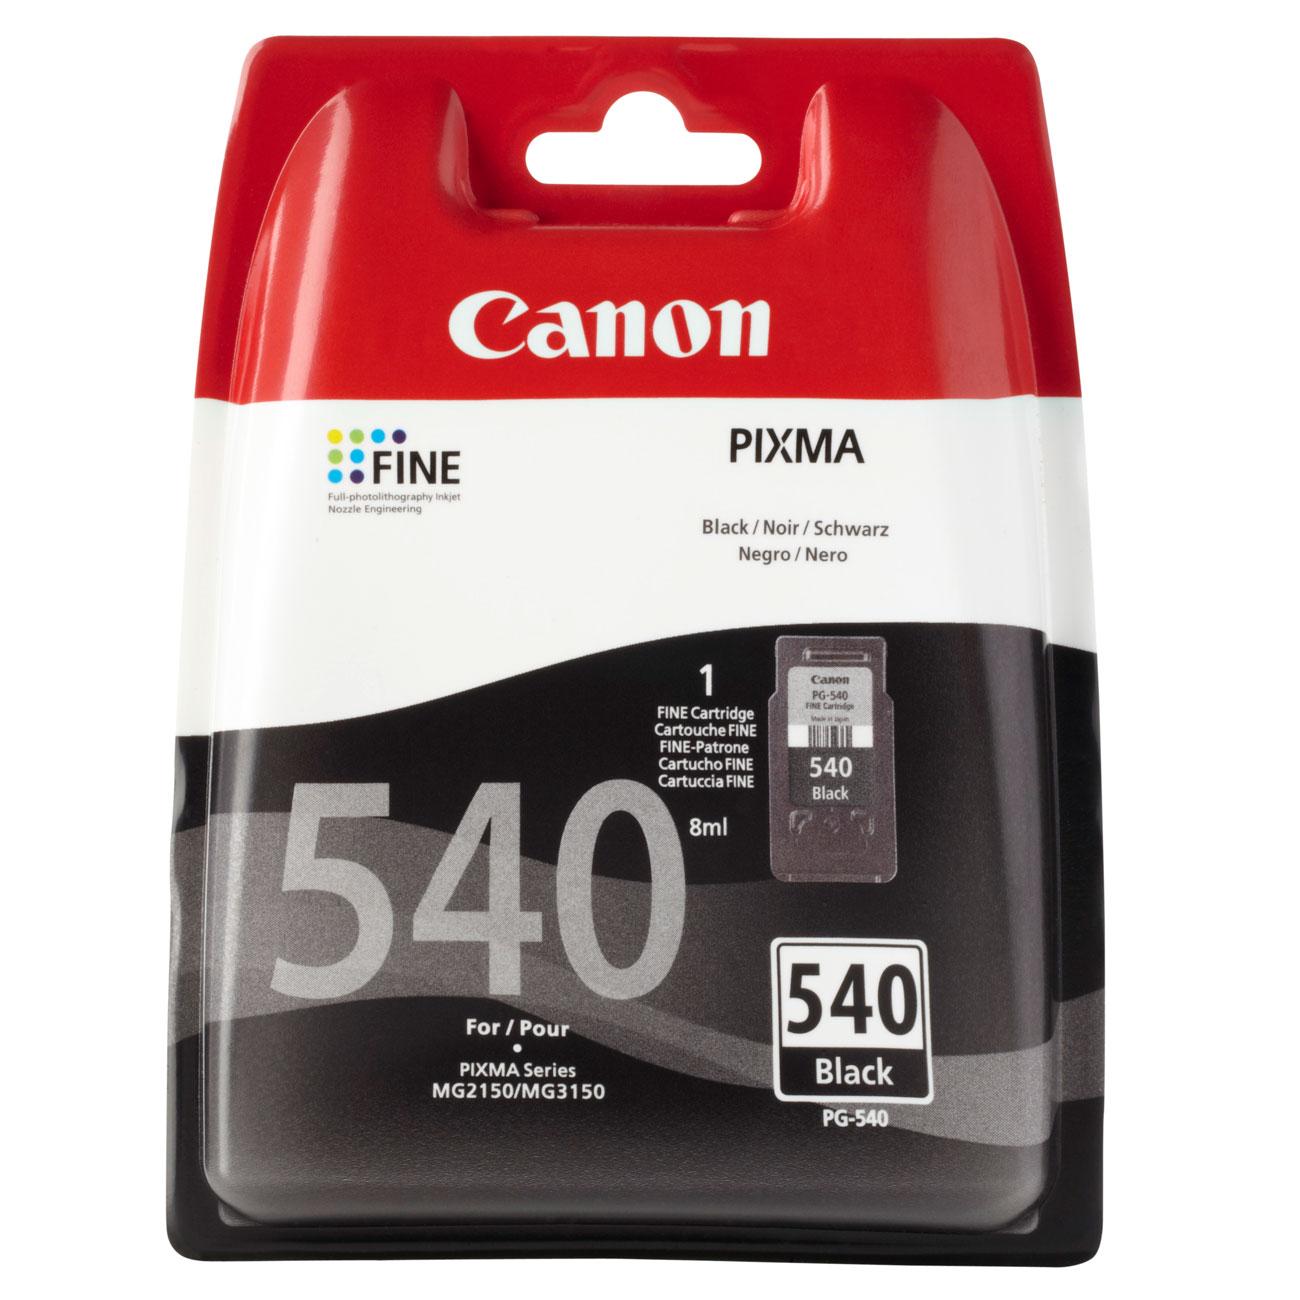 Cartouche imprimante Canon PG-540 Cartouche d'encre noire